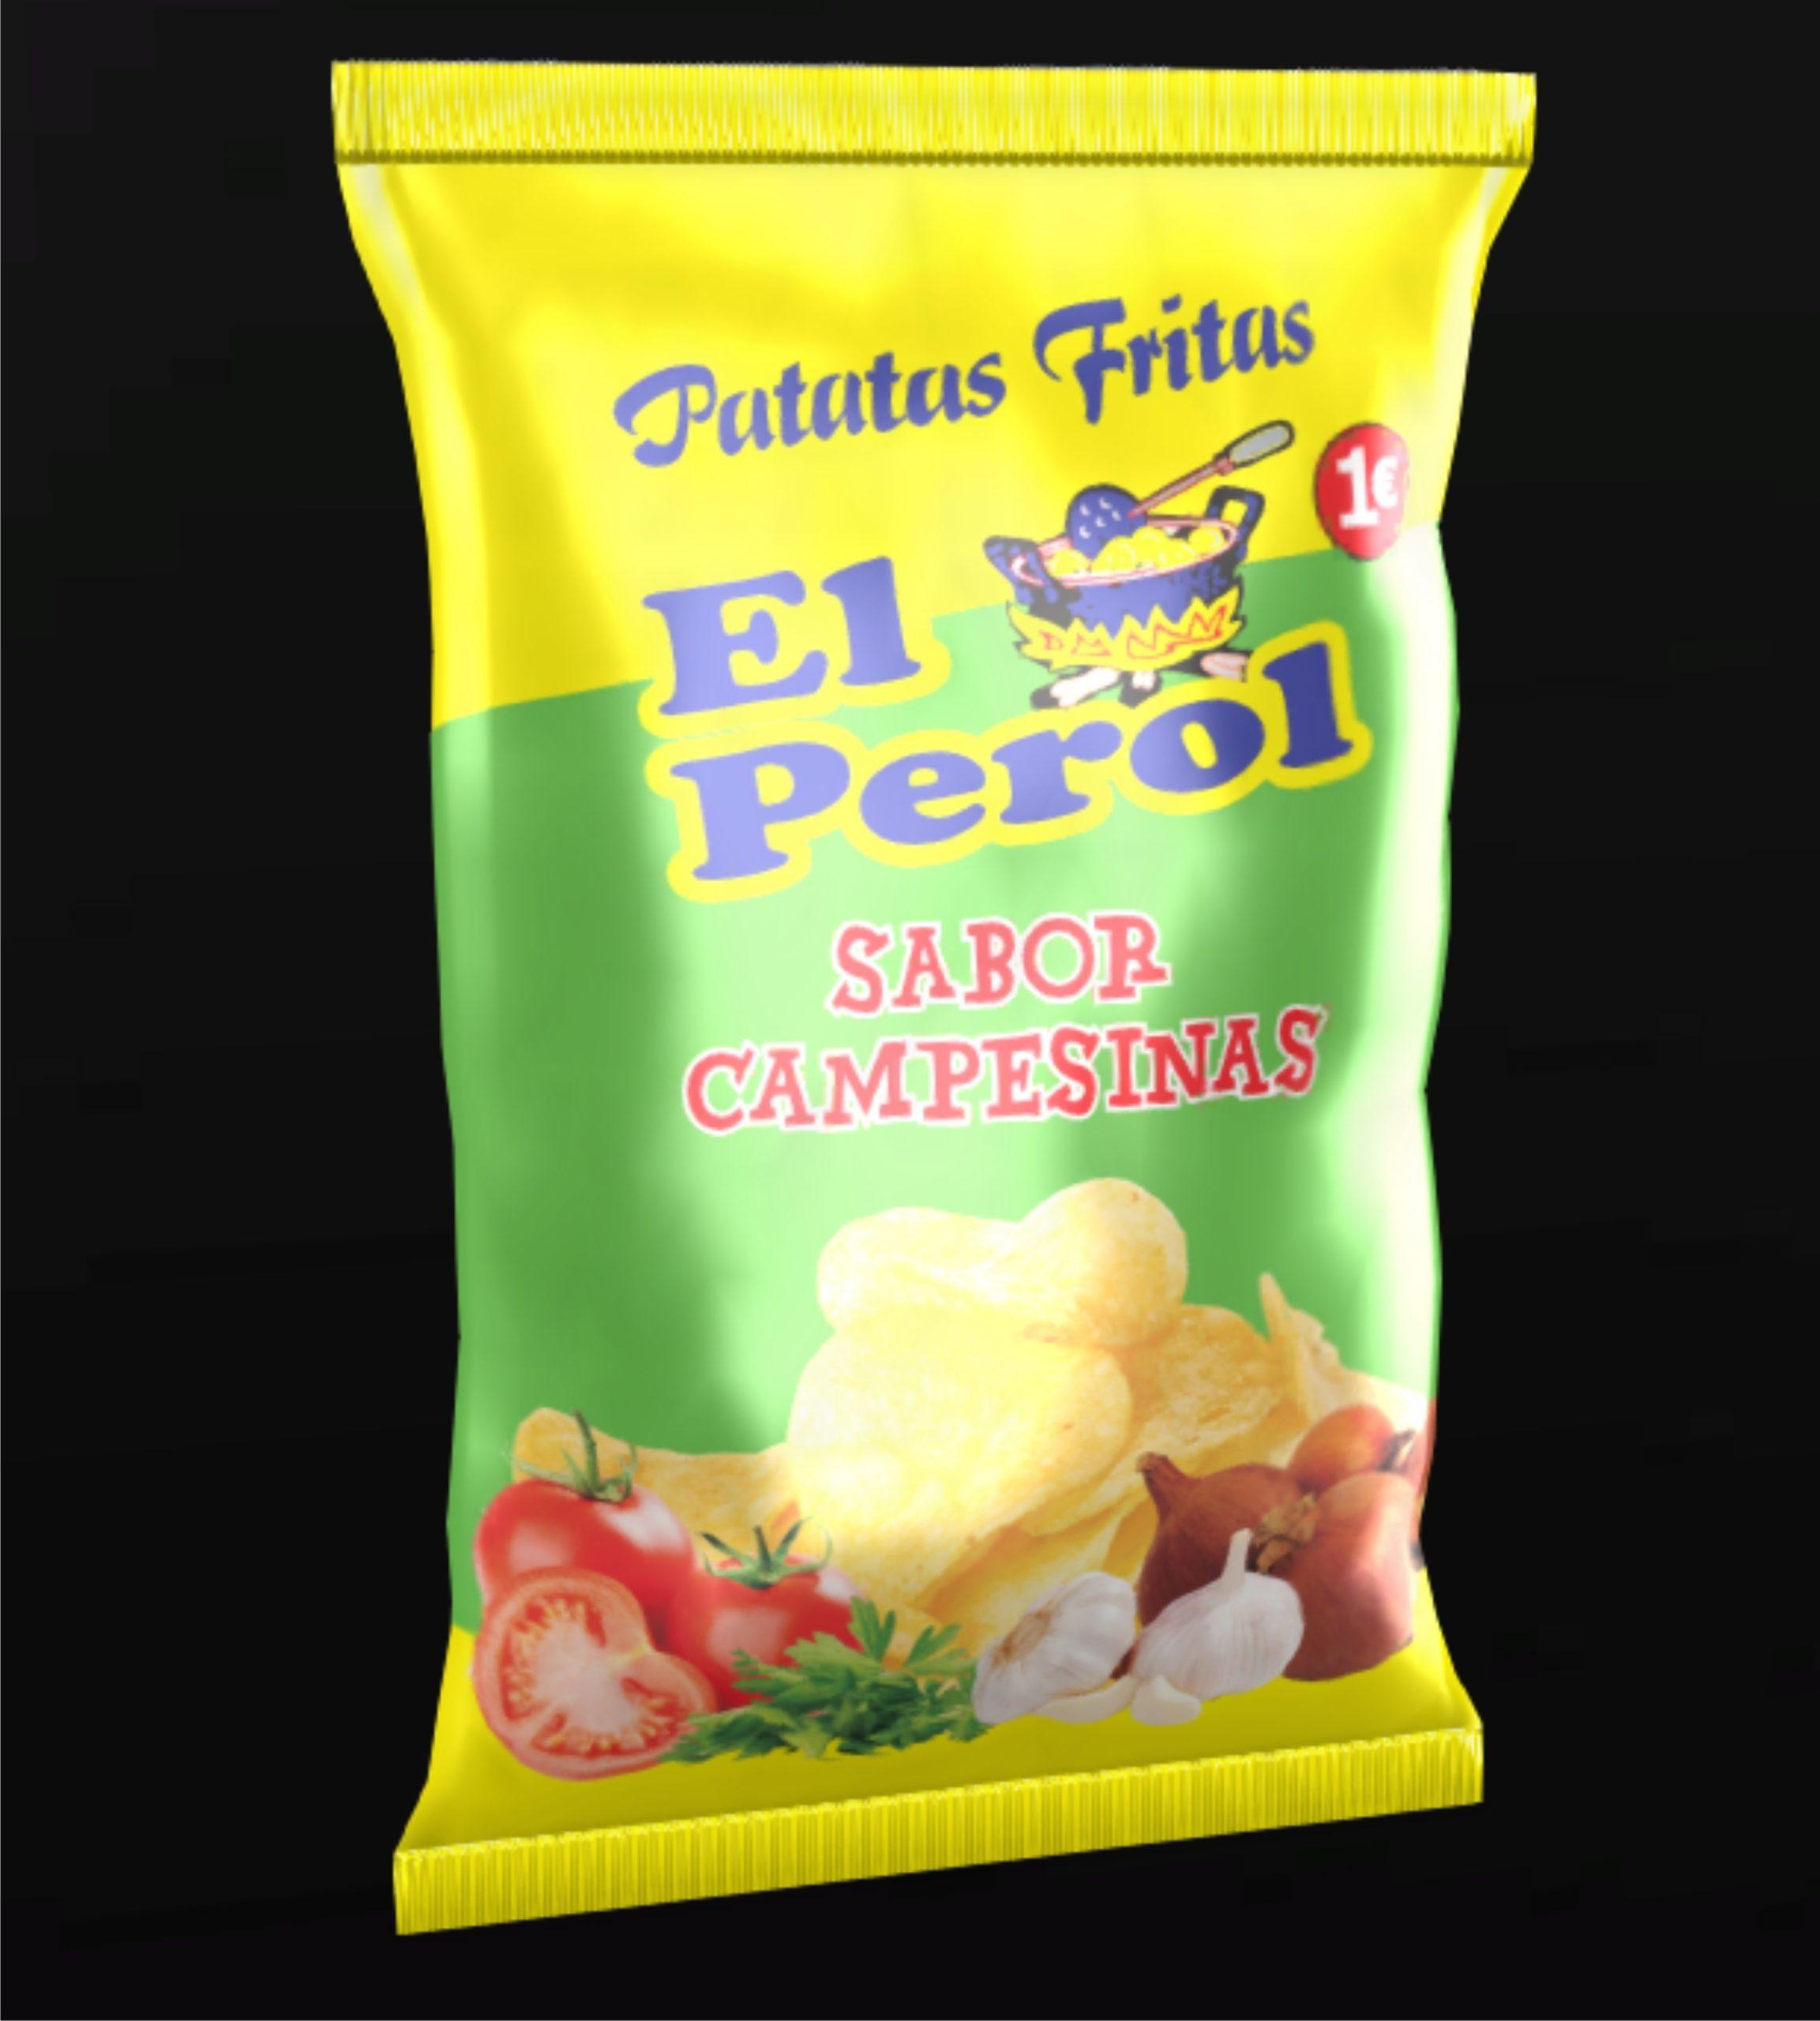 Patatas fritas Campesinas (170grs) Image